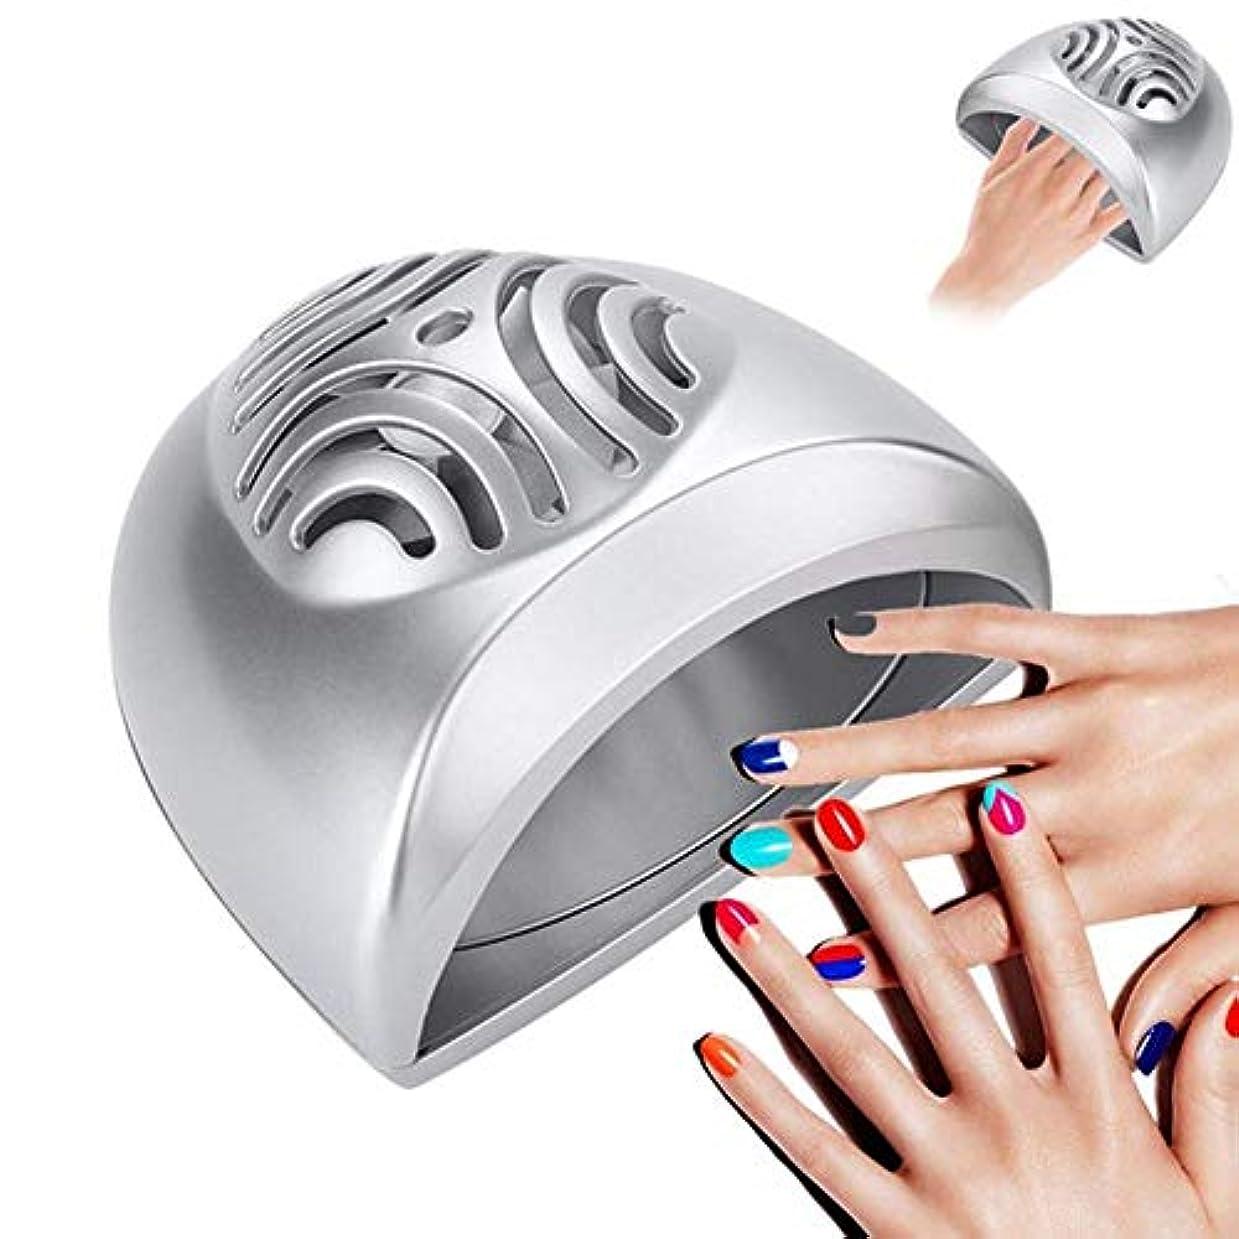 欺和解する正気ポータブルミニネイルドライヤーファンネイルアート乾燥ツール指の爪マニキュアエアドライヤー送風ファンマニキュアペディキュアツール、シルバー